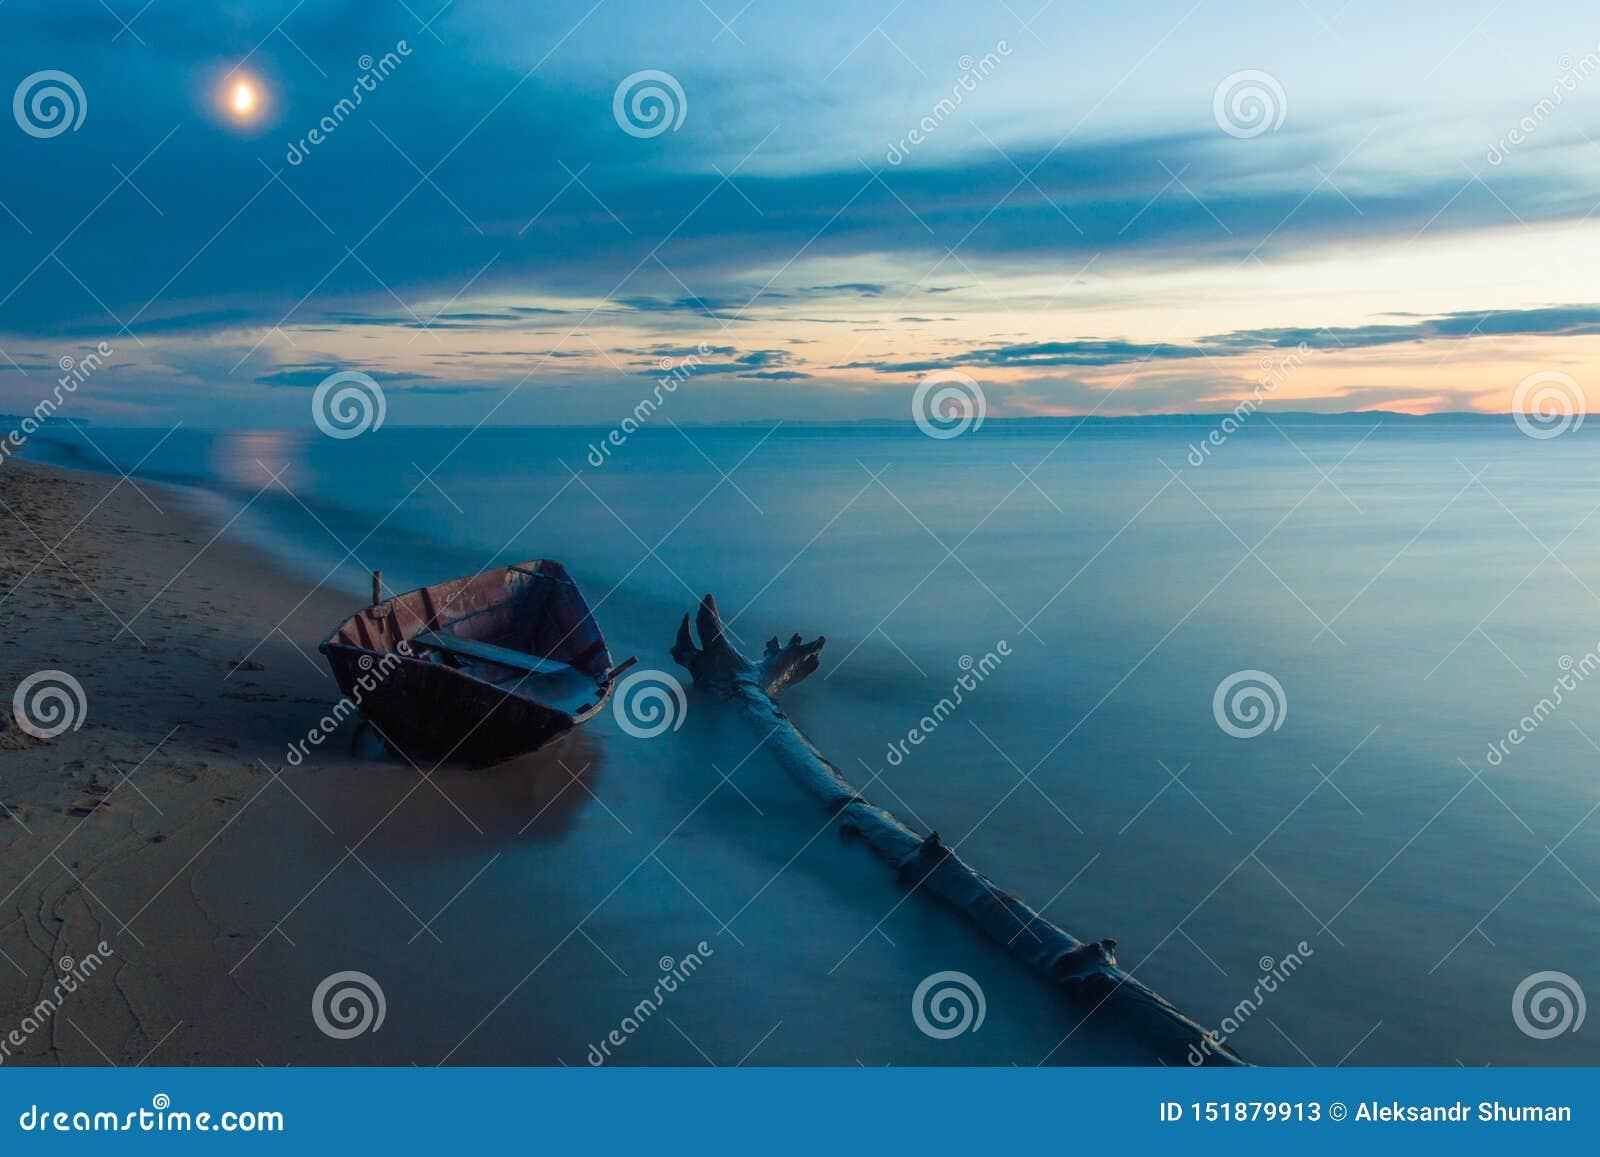 Деревянная шлюпка на береге Lake Baikal в лунном свете в вечере